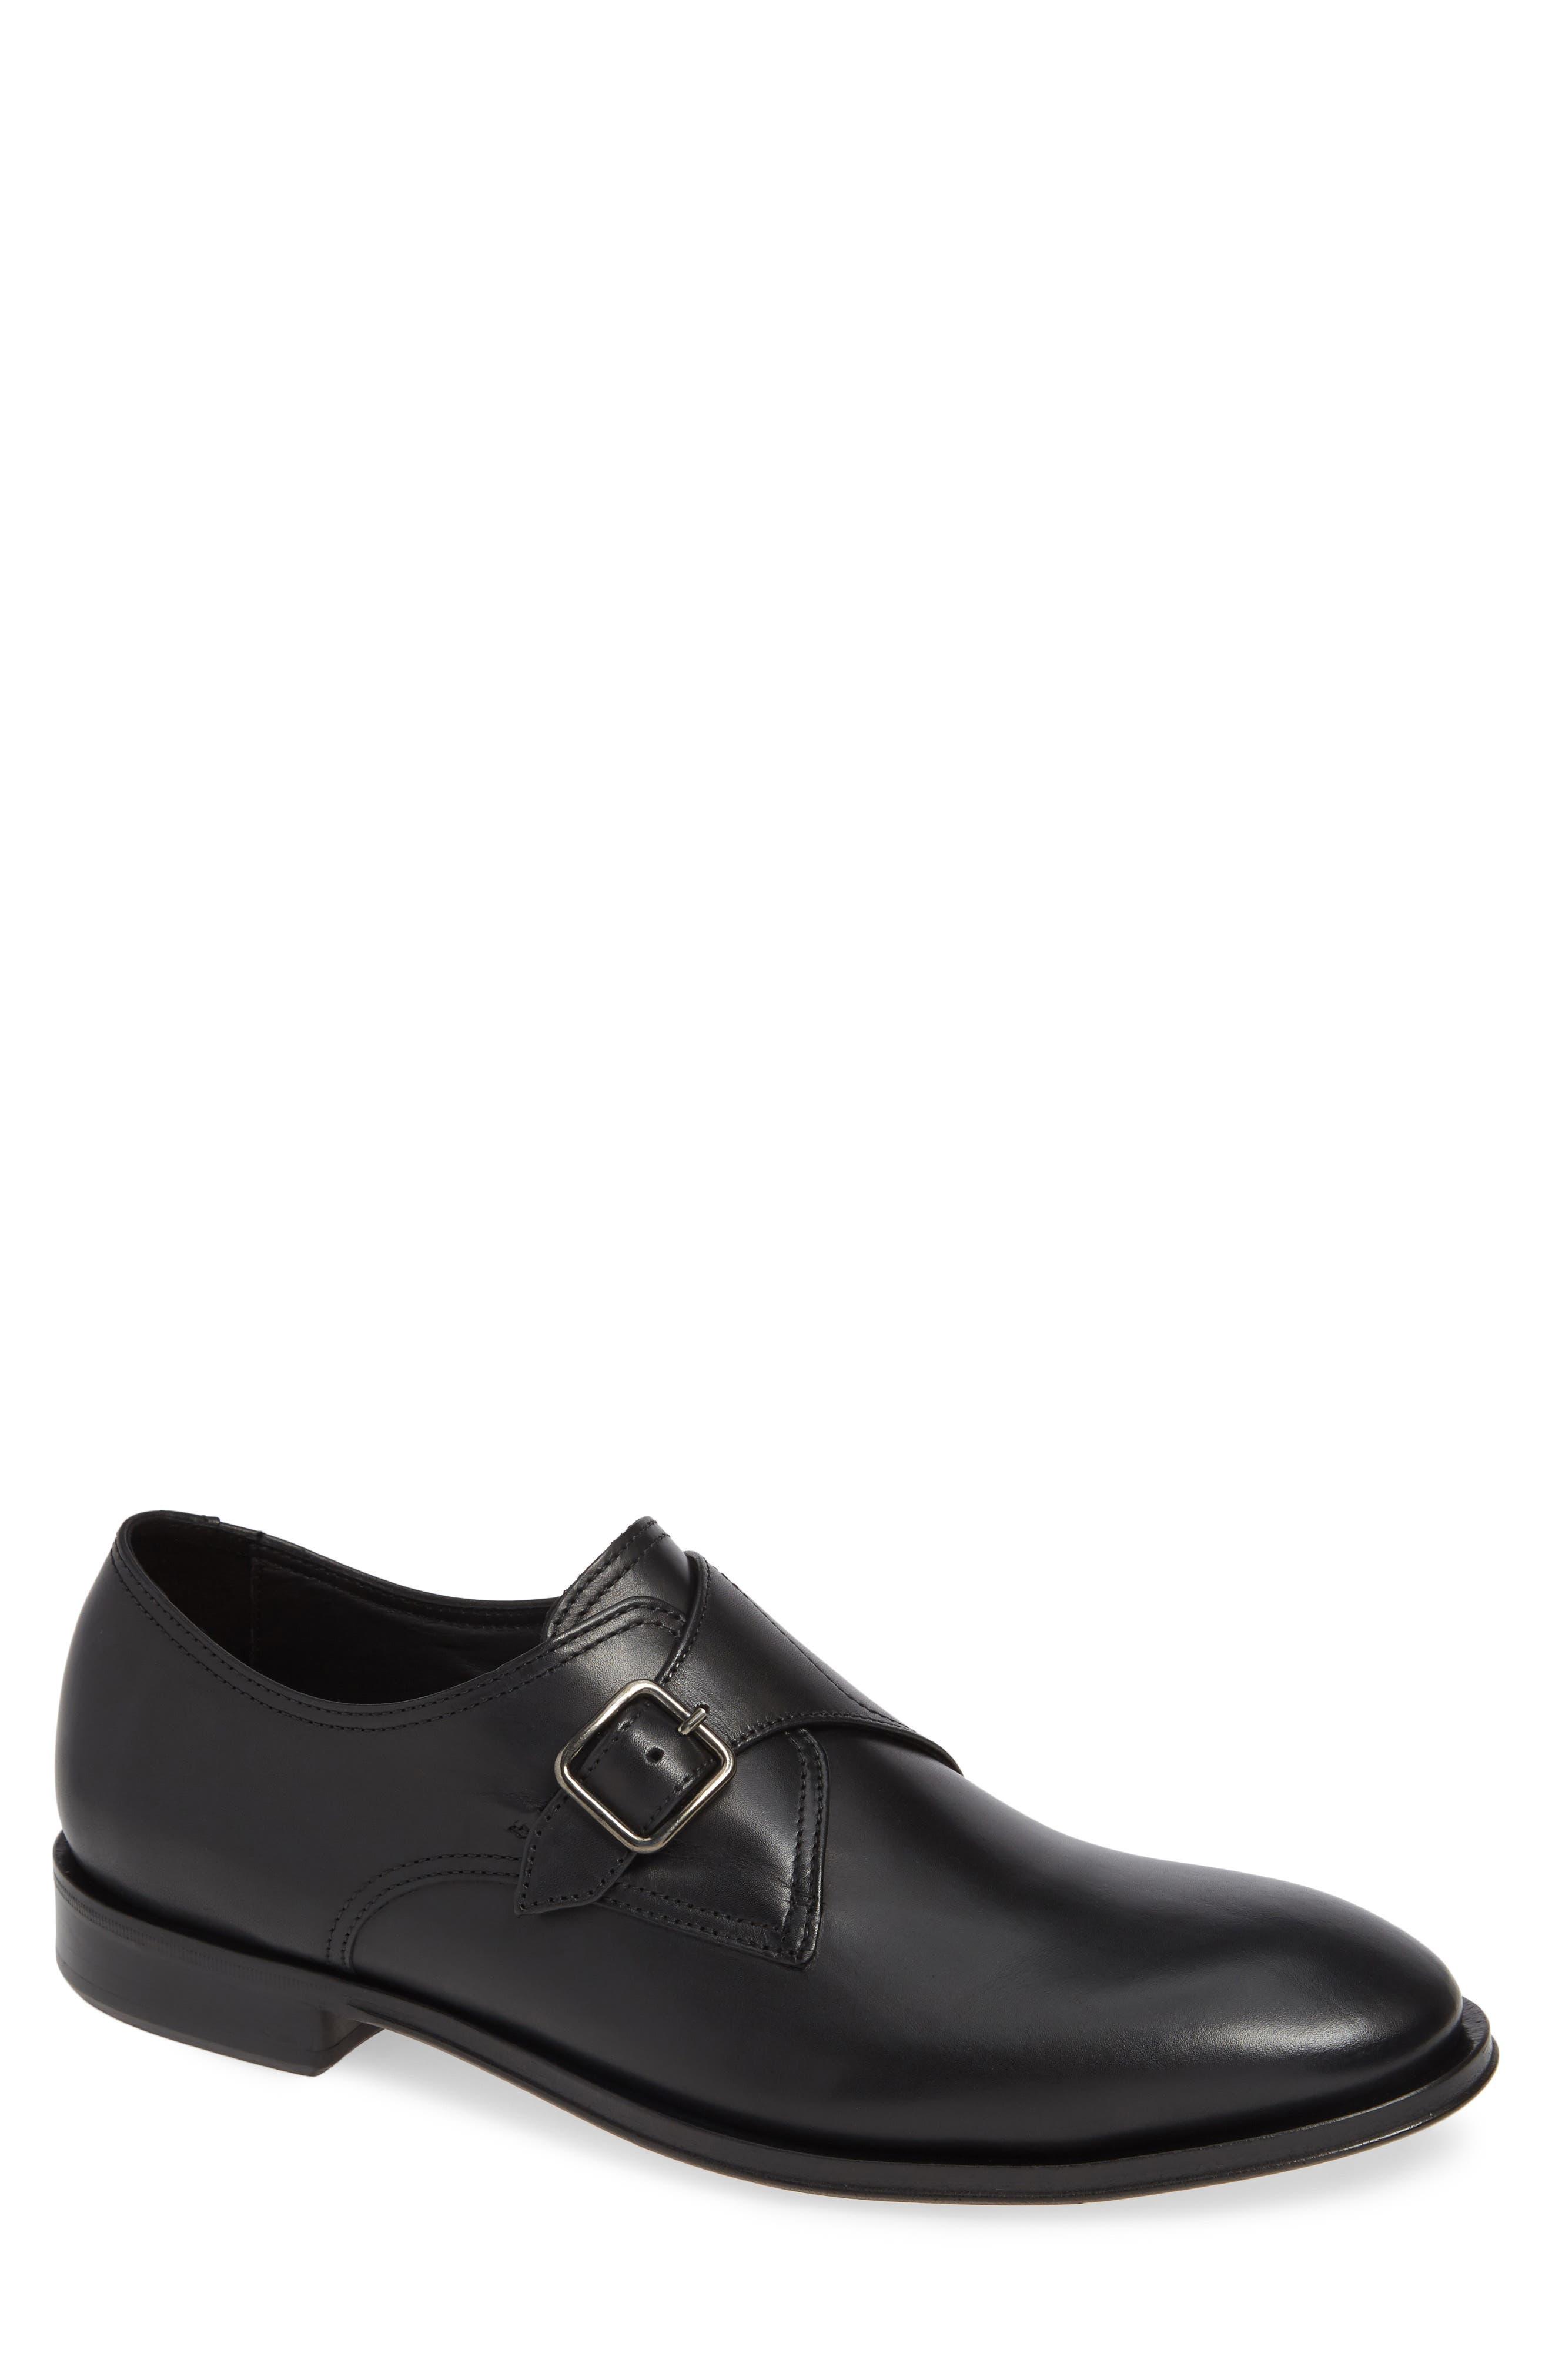 Umbria Monk Strap Shoe,                             Main thumbnail 1, color,                             BLACK LEATHER